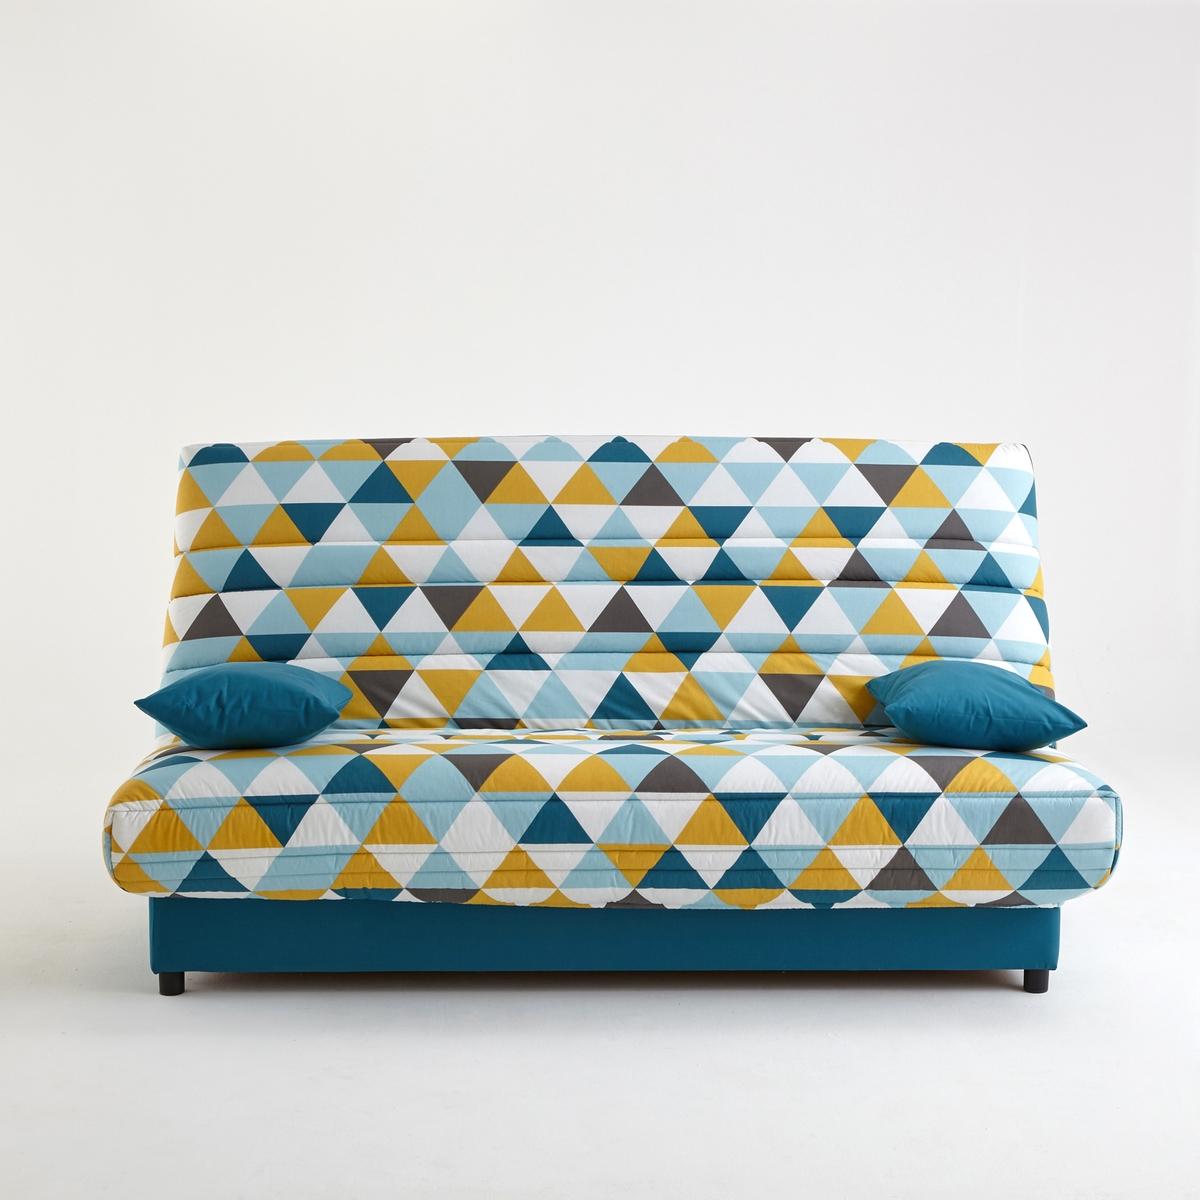 Чехол стеганый для дивана-книжки и складной тумбы, 250 г/м?Чехол для дивана-книжки, усовершенствованная модель : Для дивана-книжки и складной тумбы, позволит продлить срок службы вашей мебели  !Сделано в Европе. Описание :- Стеганый чехол с наполнителем из полиэстера (250 г/м?)- На резинке.- Поставляется в комплекте с 2 чехлами на подушку-валик и лентой для складной тумбыОбивка :- Однотонная расцветка : 100% хлопок, пропитка от пятен (250 г/м?)- Расцветка с рисунком : 50% хлопка, 50% полиэстера- Меланжевая расцветка : 100% полиэстер- Предоставляем бесплатные образцы материала : Введите примеры дивана-книжки в поисковой системе на сайте laredoute.ruОткройте для себя другие модели чехлов на сайте laredoute.ruРазмеры чехла :3 варианта ширины :Ширина : 120 смШирина : 130 см.Ширина : 140 см.Размер подушки : Ш.50 x В.40 x Г.12 см<br><br>Цвет: рисунок из треугольников